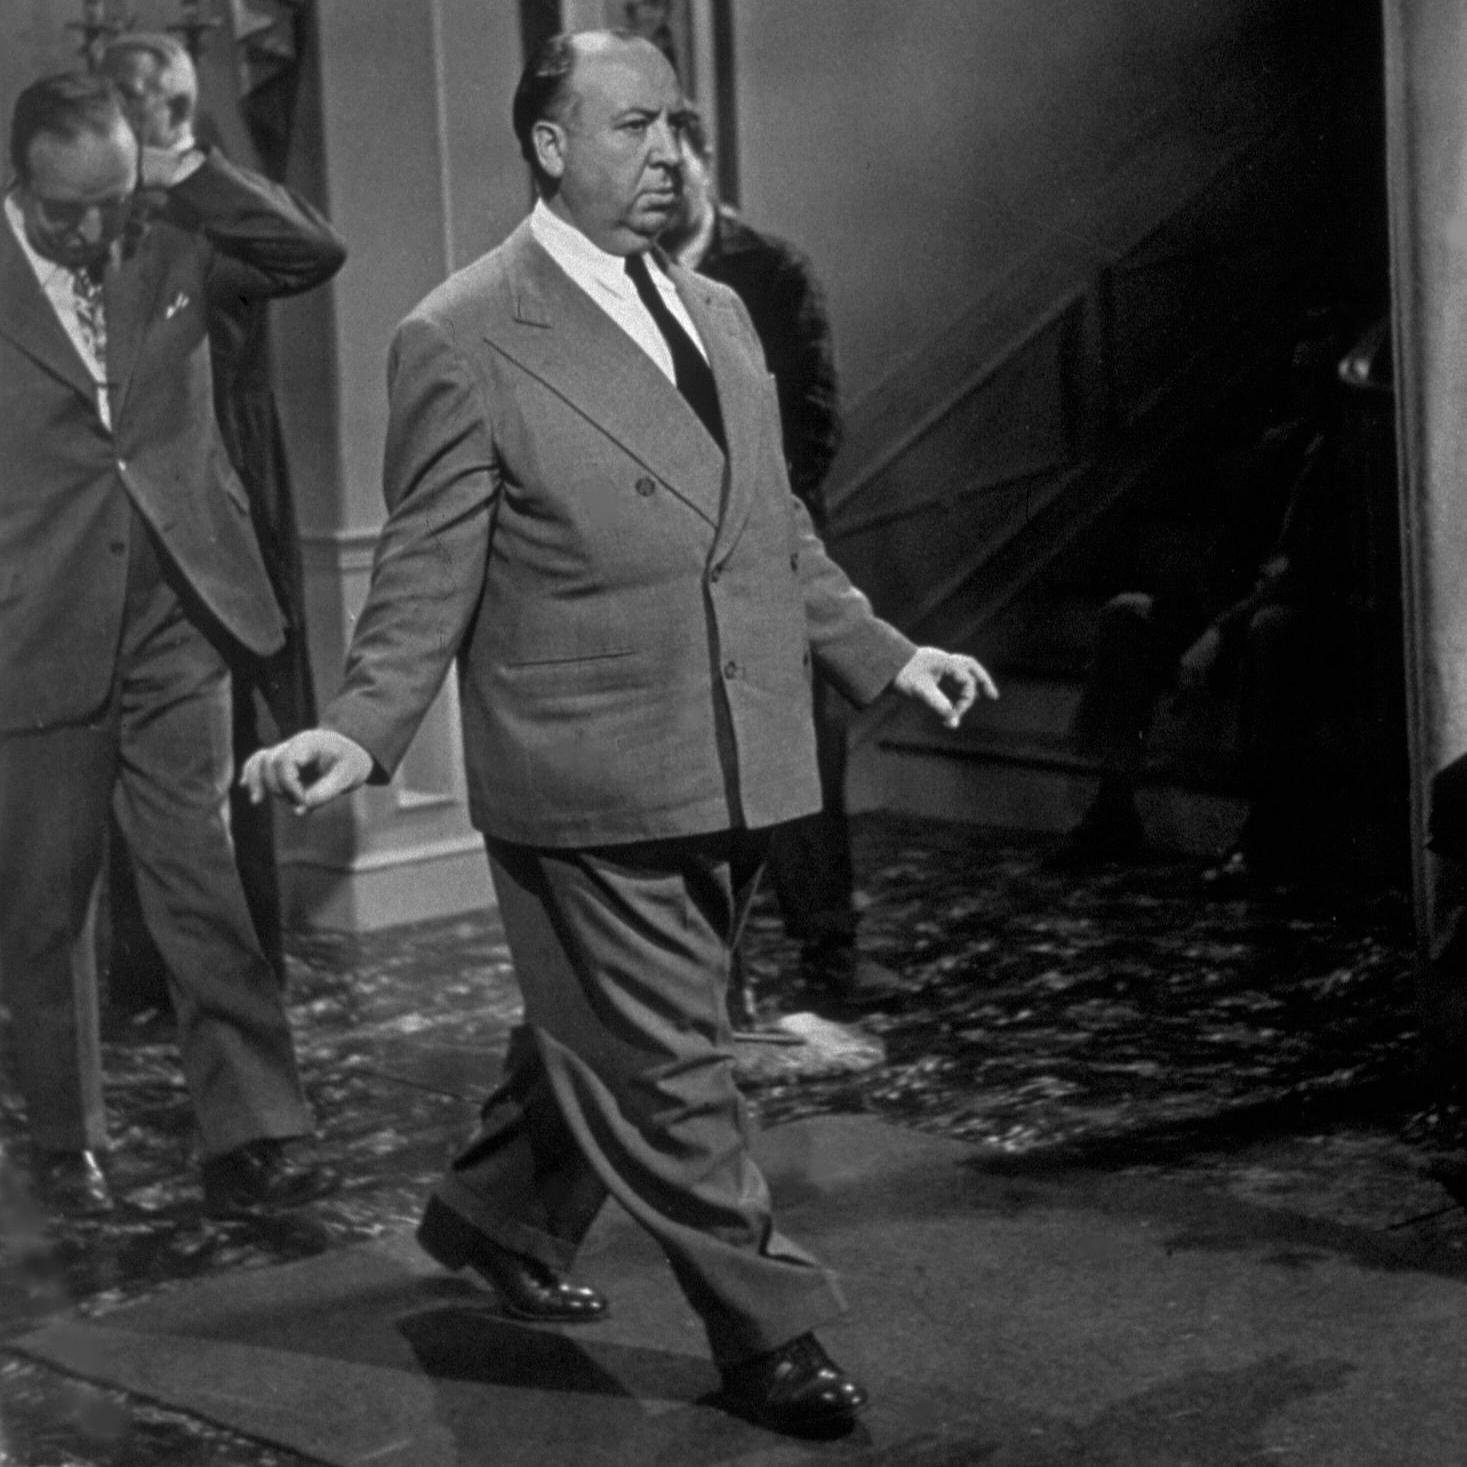 16 dolog, amit nem tudtál Hitchcockról - nemcsak a nézőket rémisztgette, hanem színészeit is